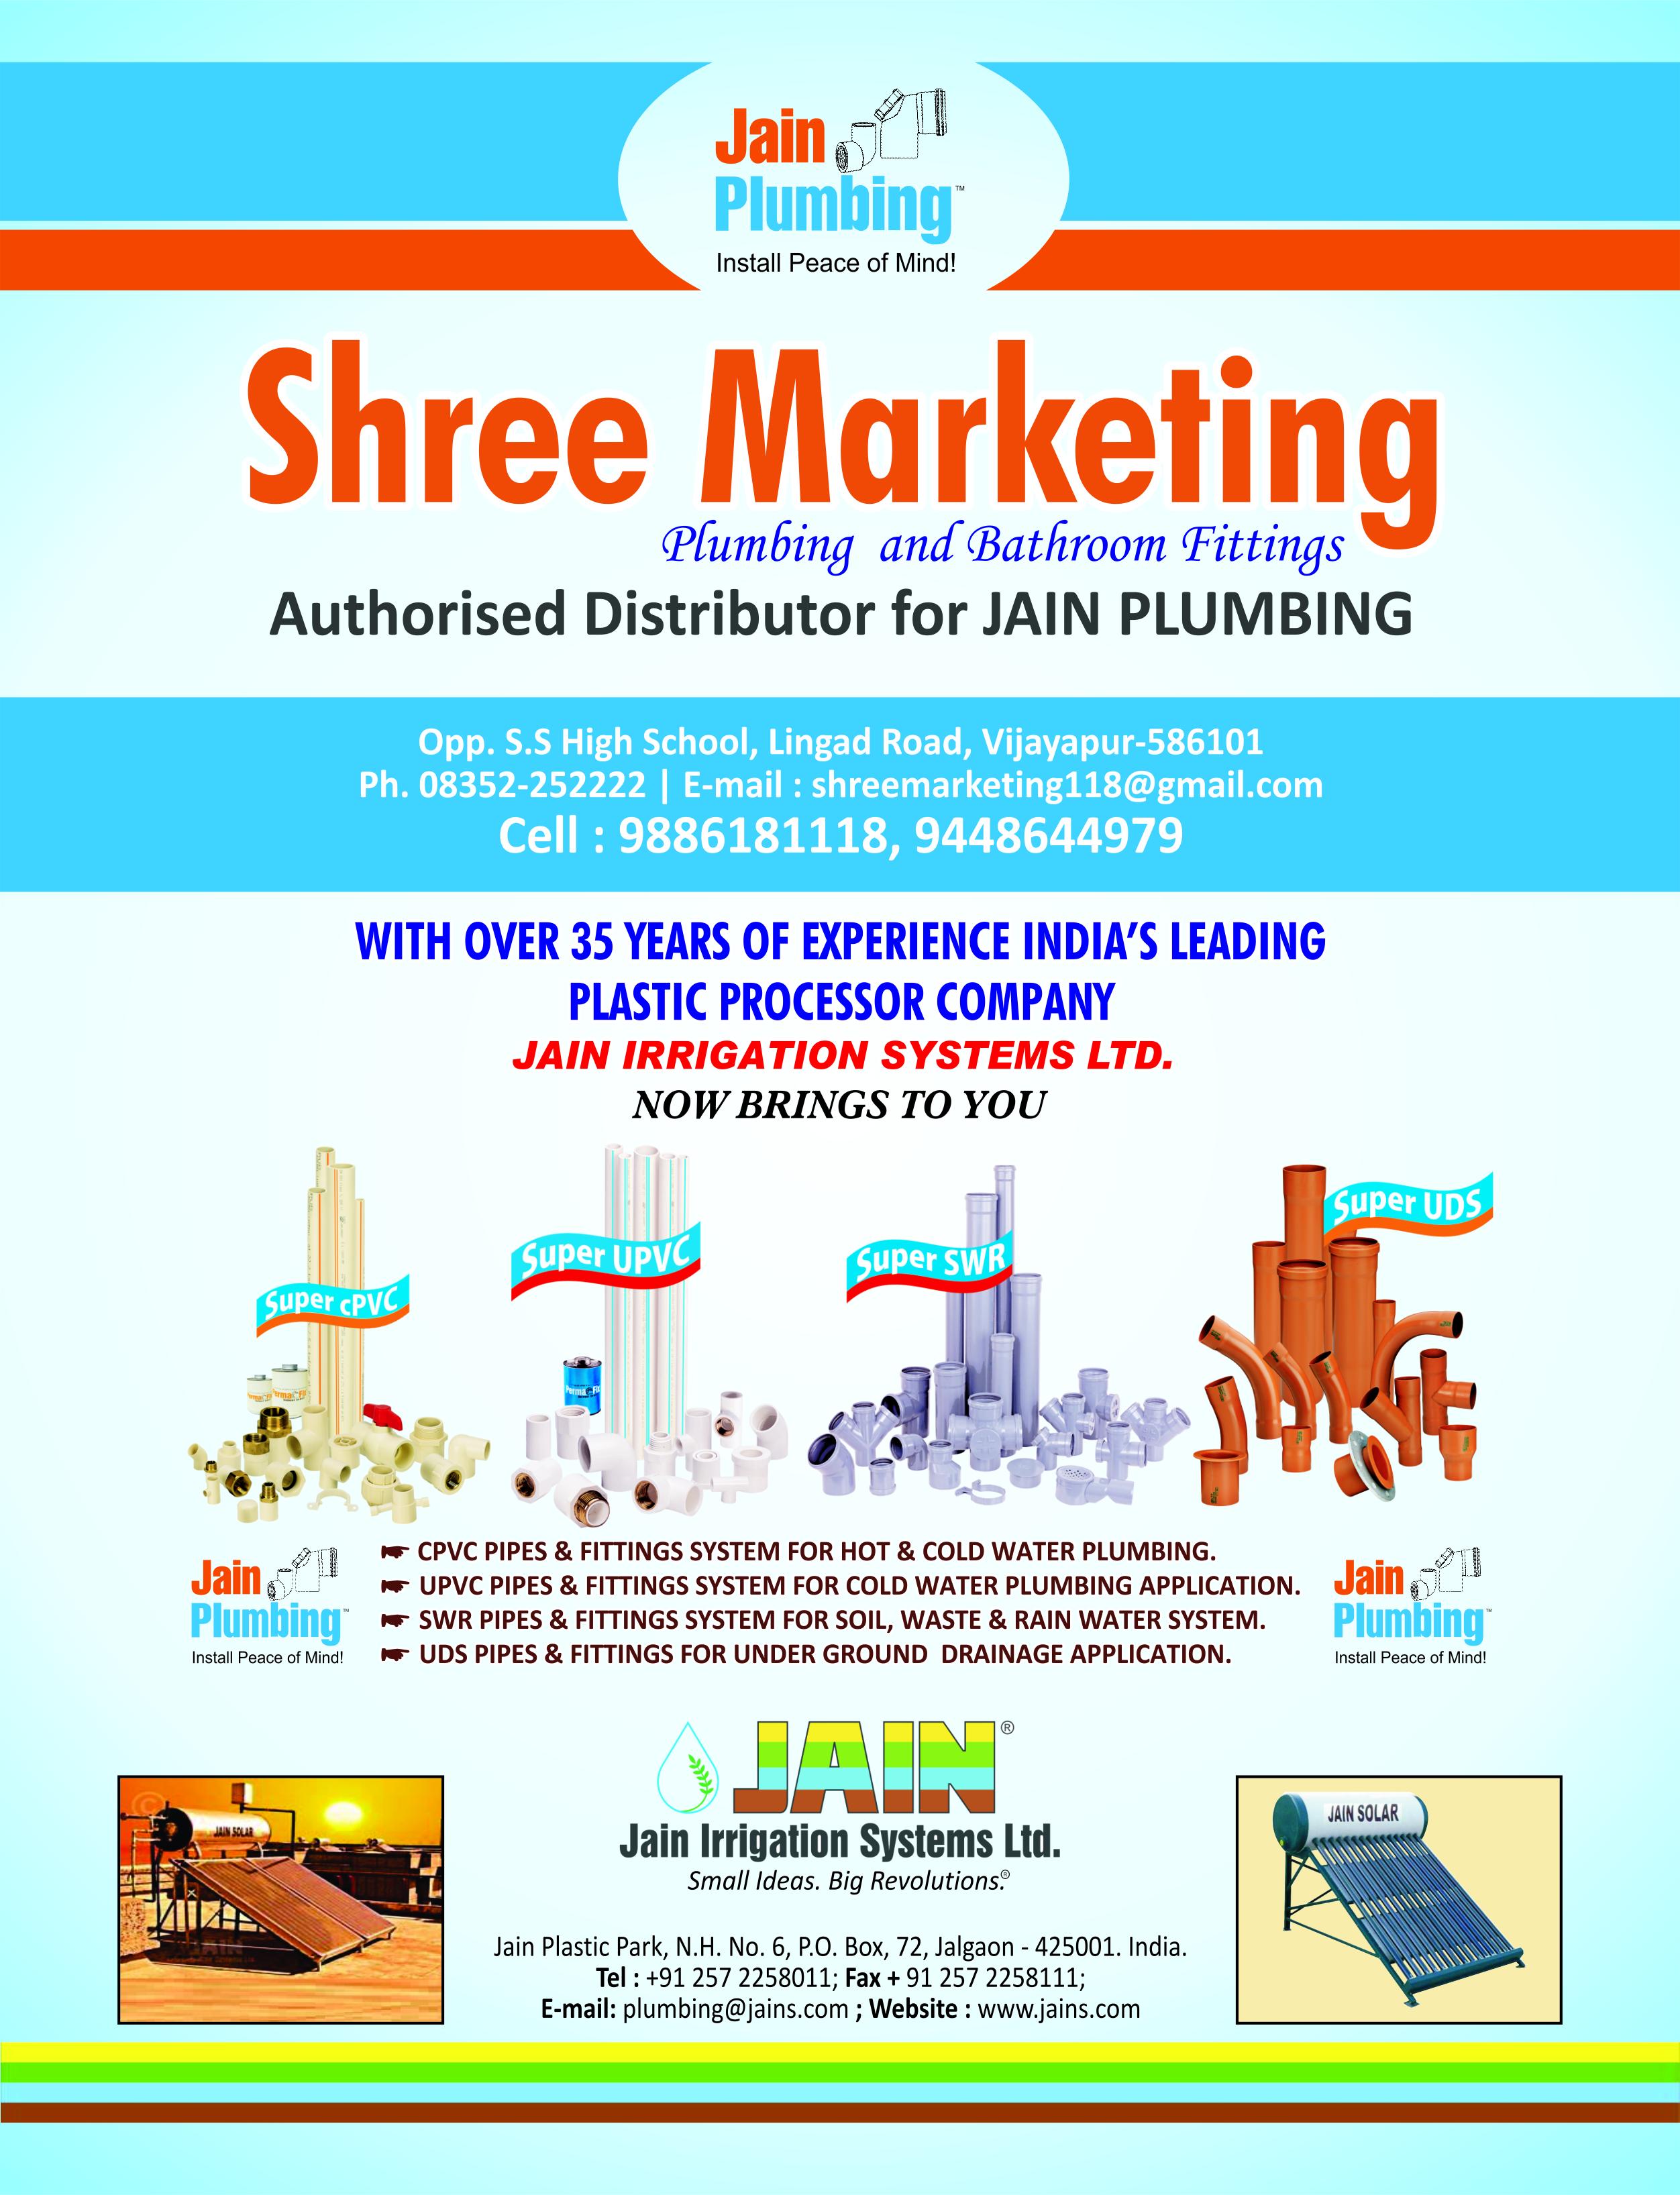 Shree Marketing